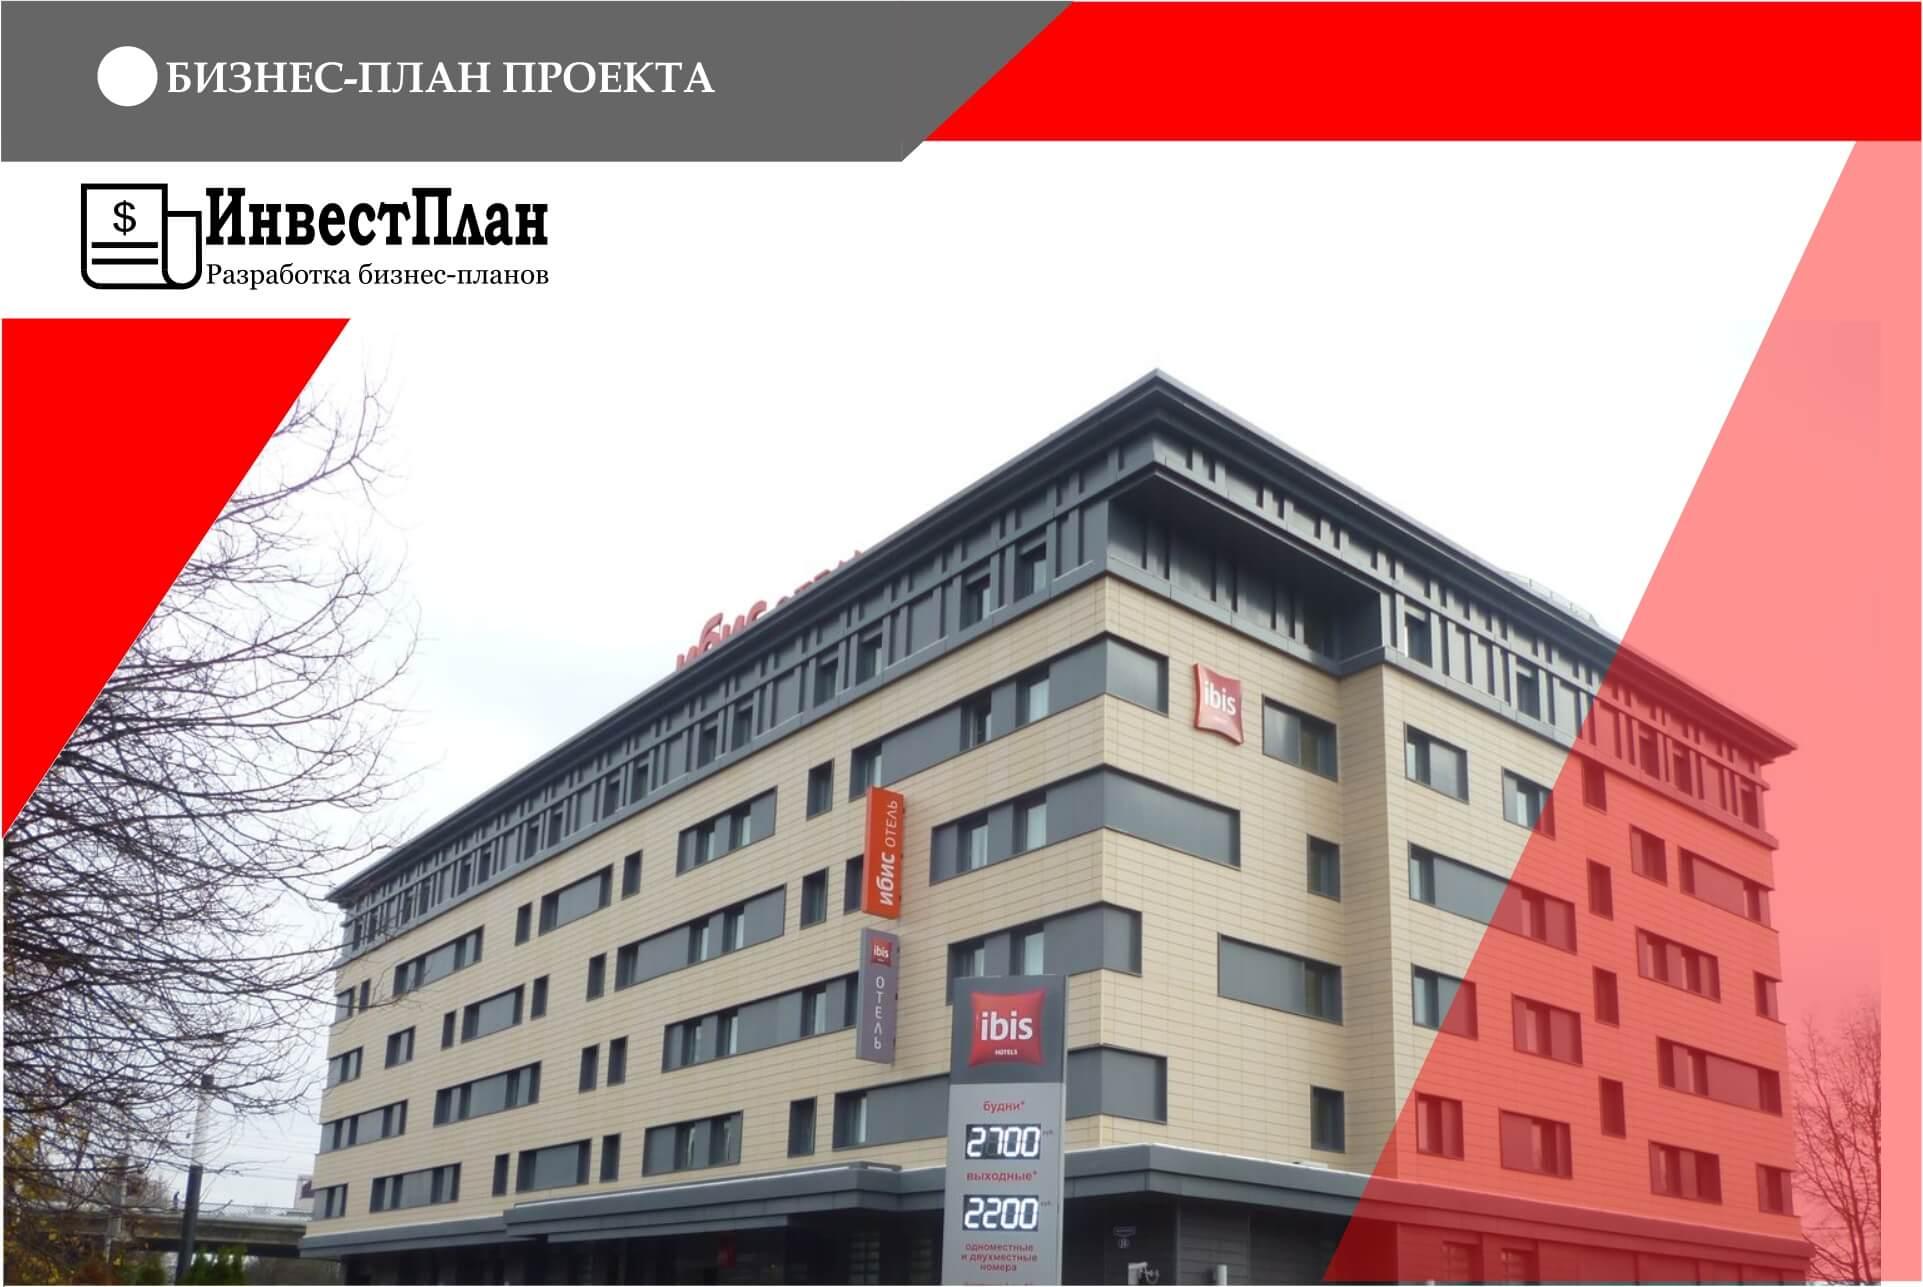 Бизнес-план по строительству гостиницы, оснащенной встроенными объектами социального и коммунально-бытового назначения и обслуживания населения.